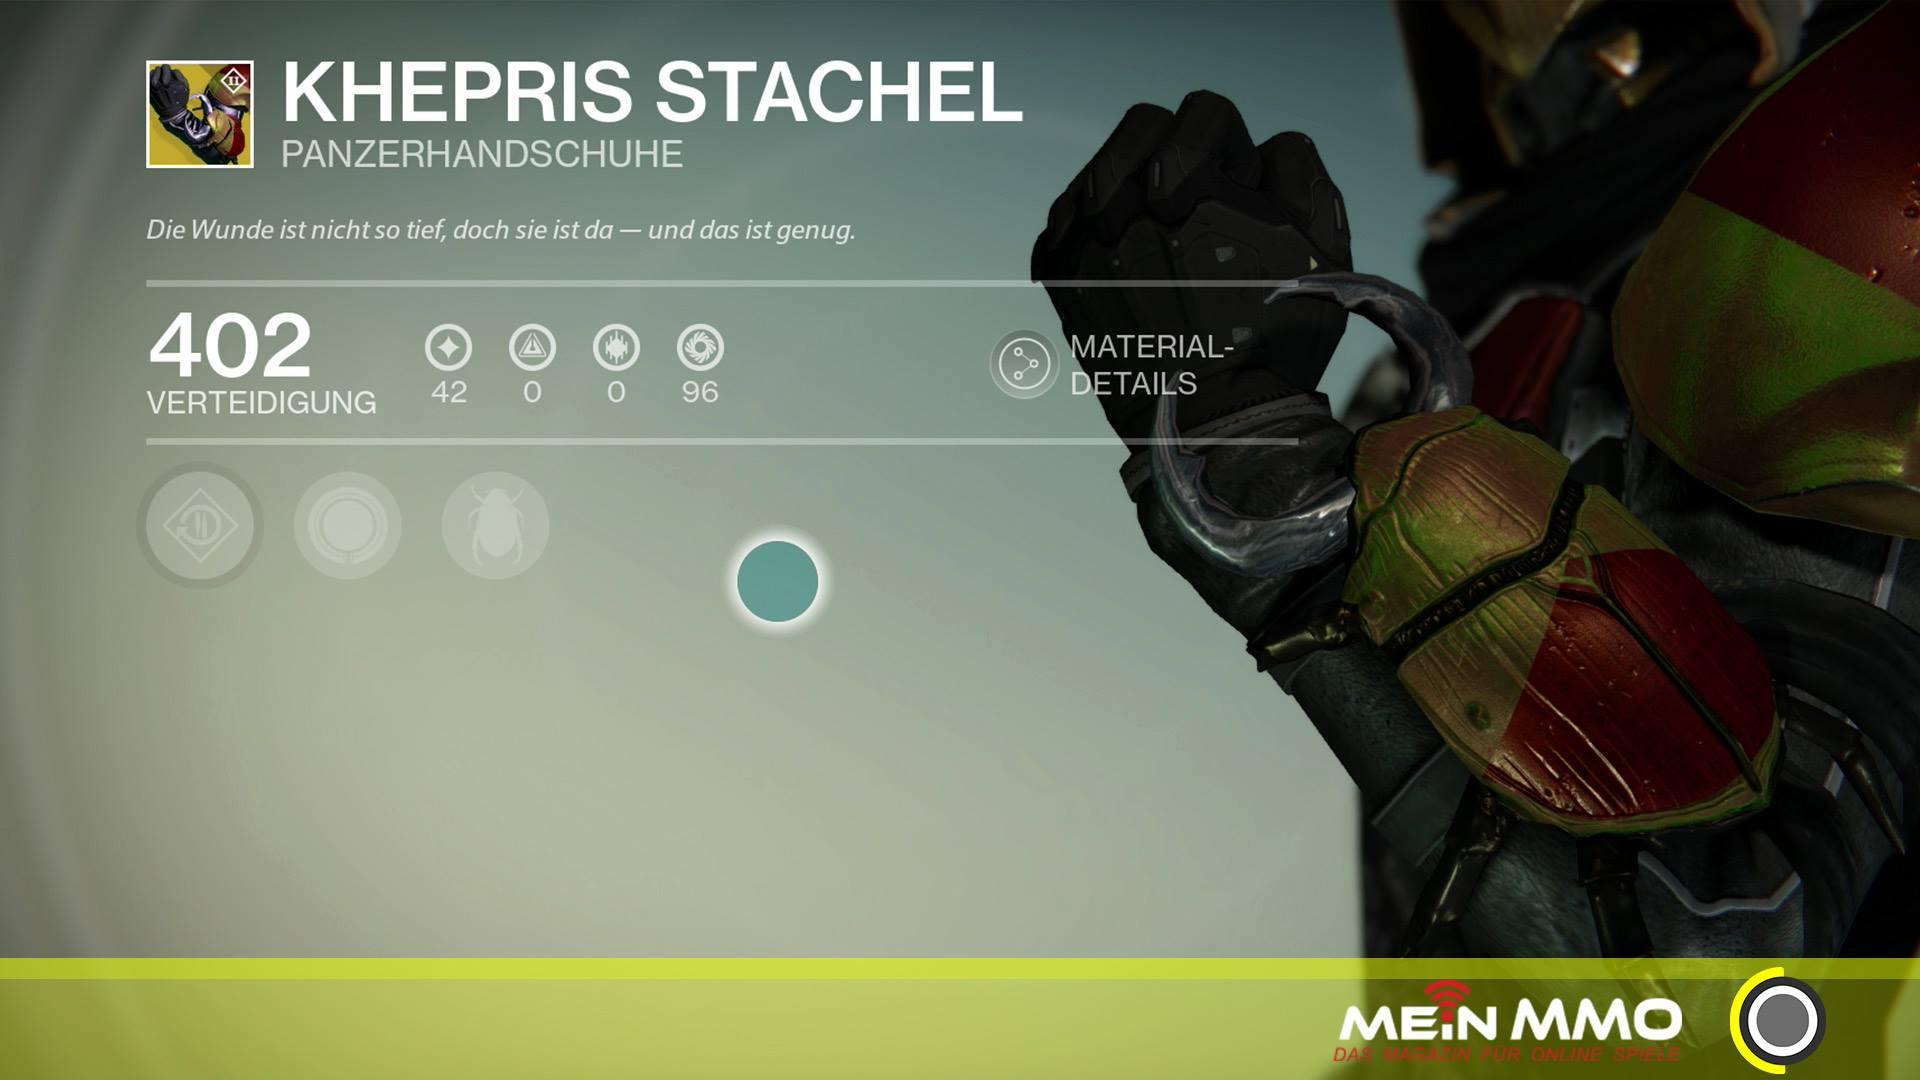 Destiny: Khepris Stachel – Lohnen sich die Jäger-Handschuhe für PvP und PvE?